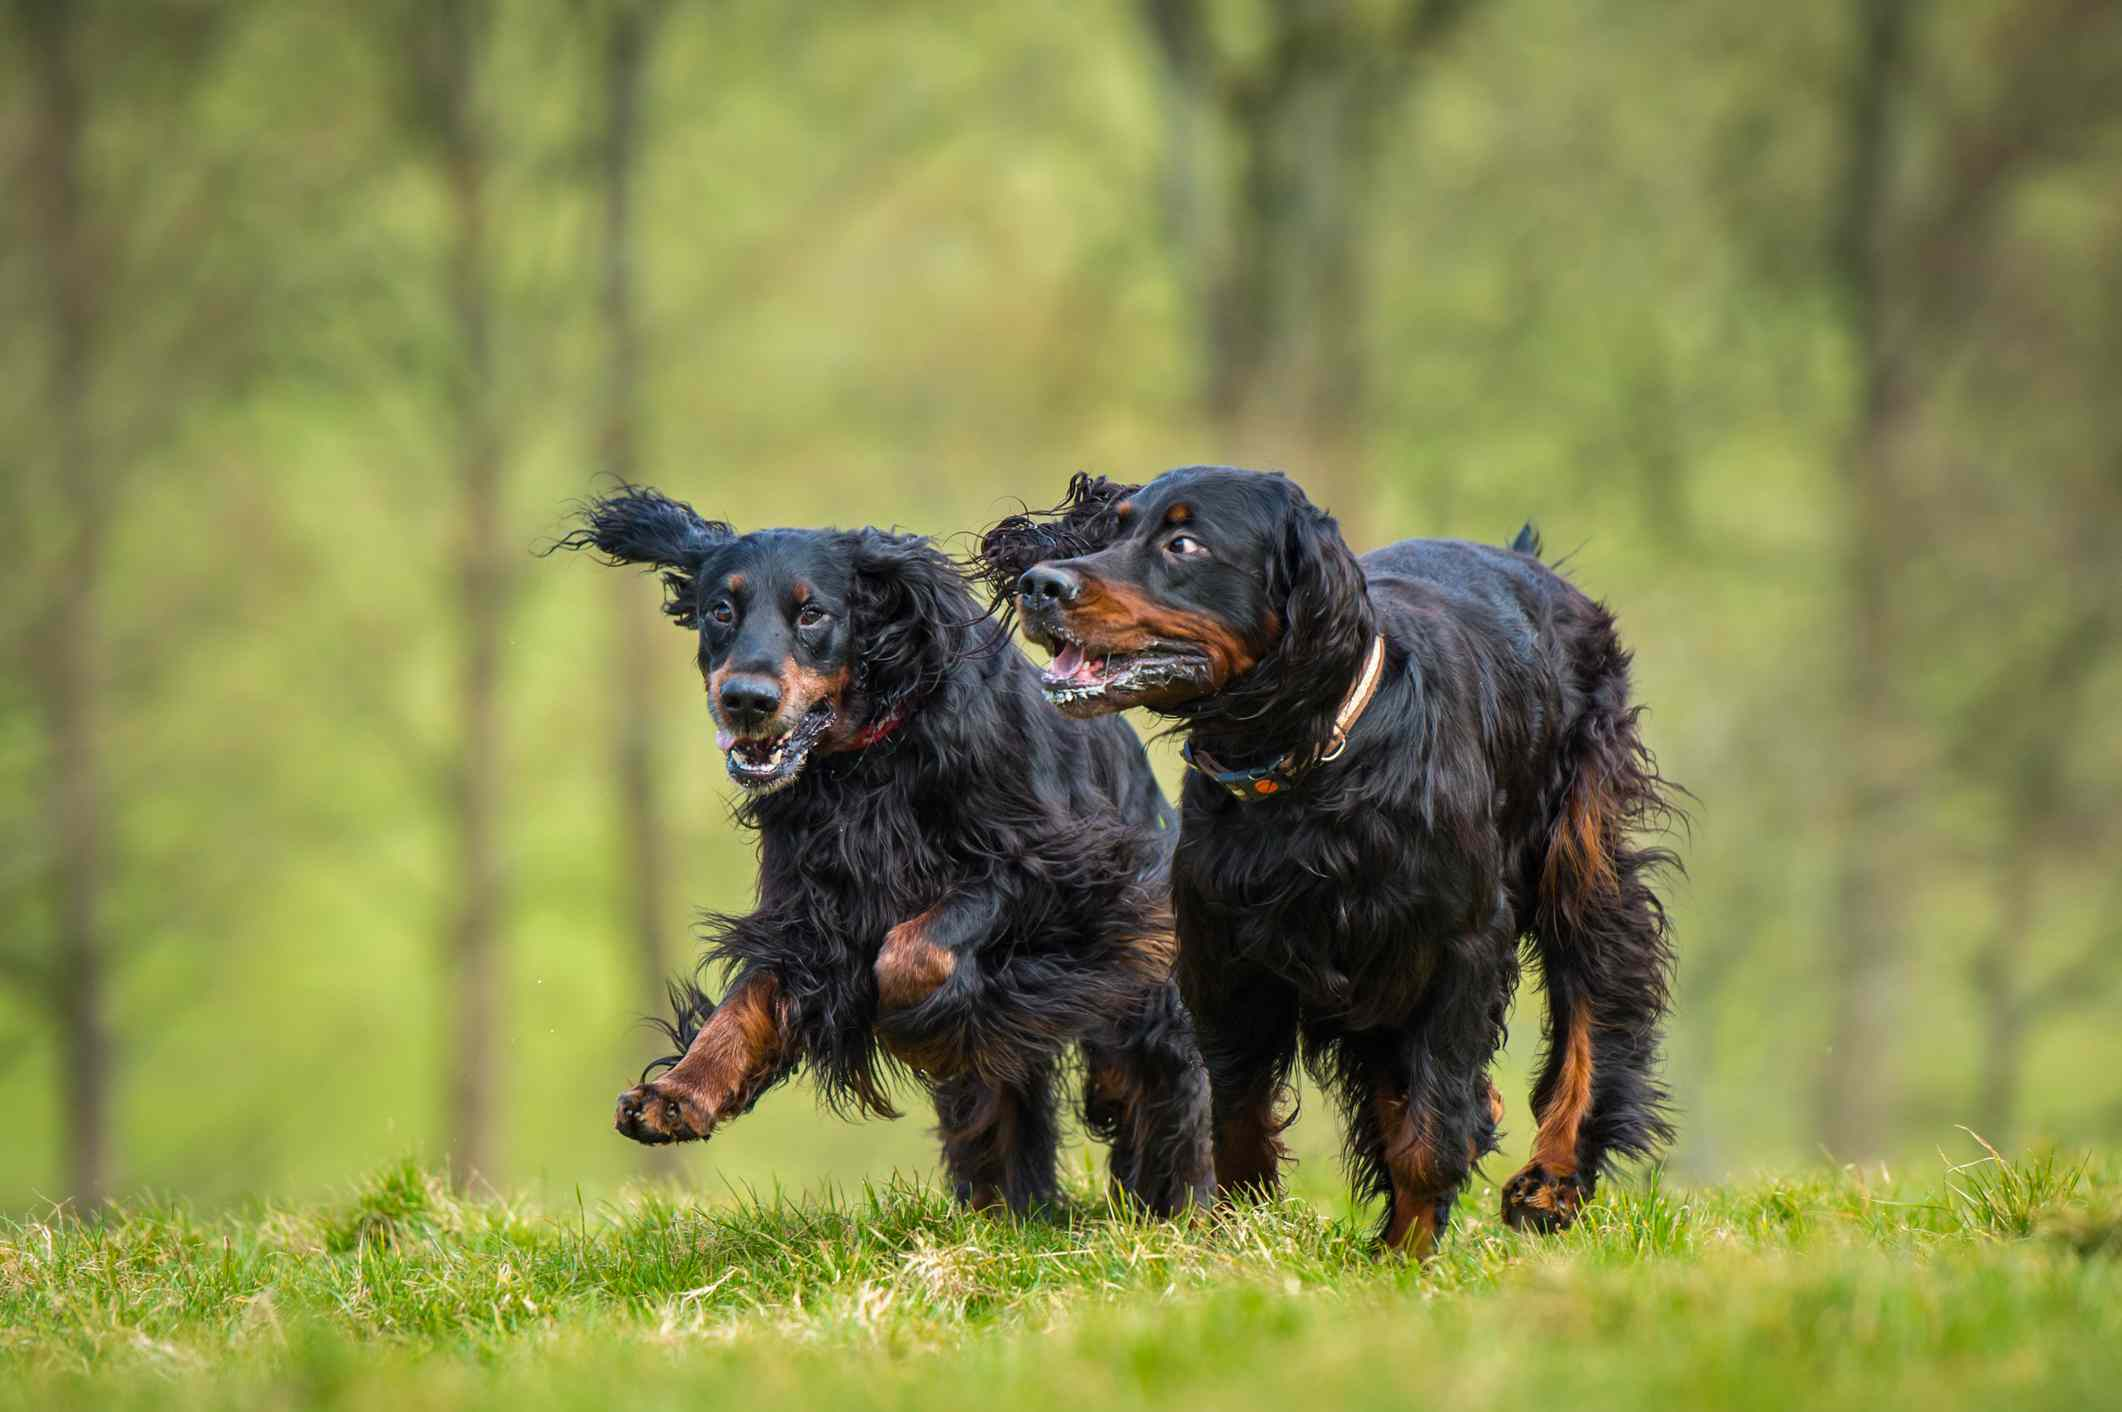 Two Gordon Setters running